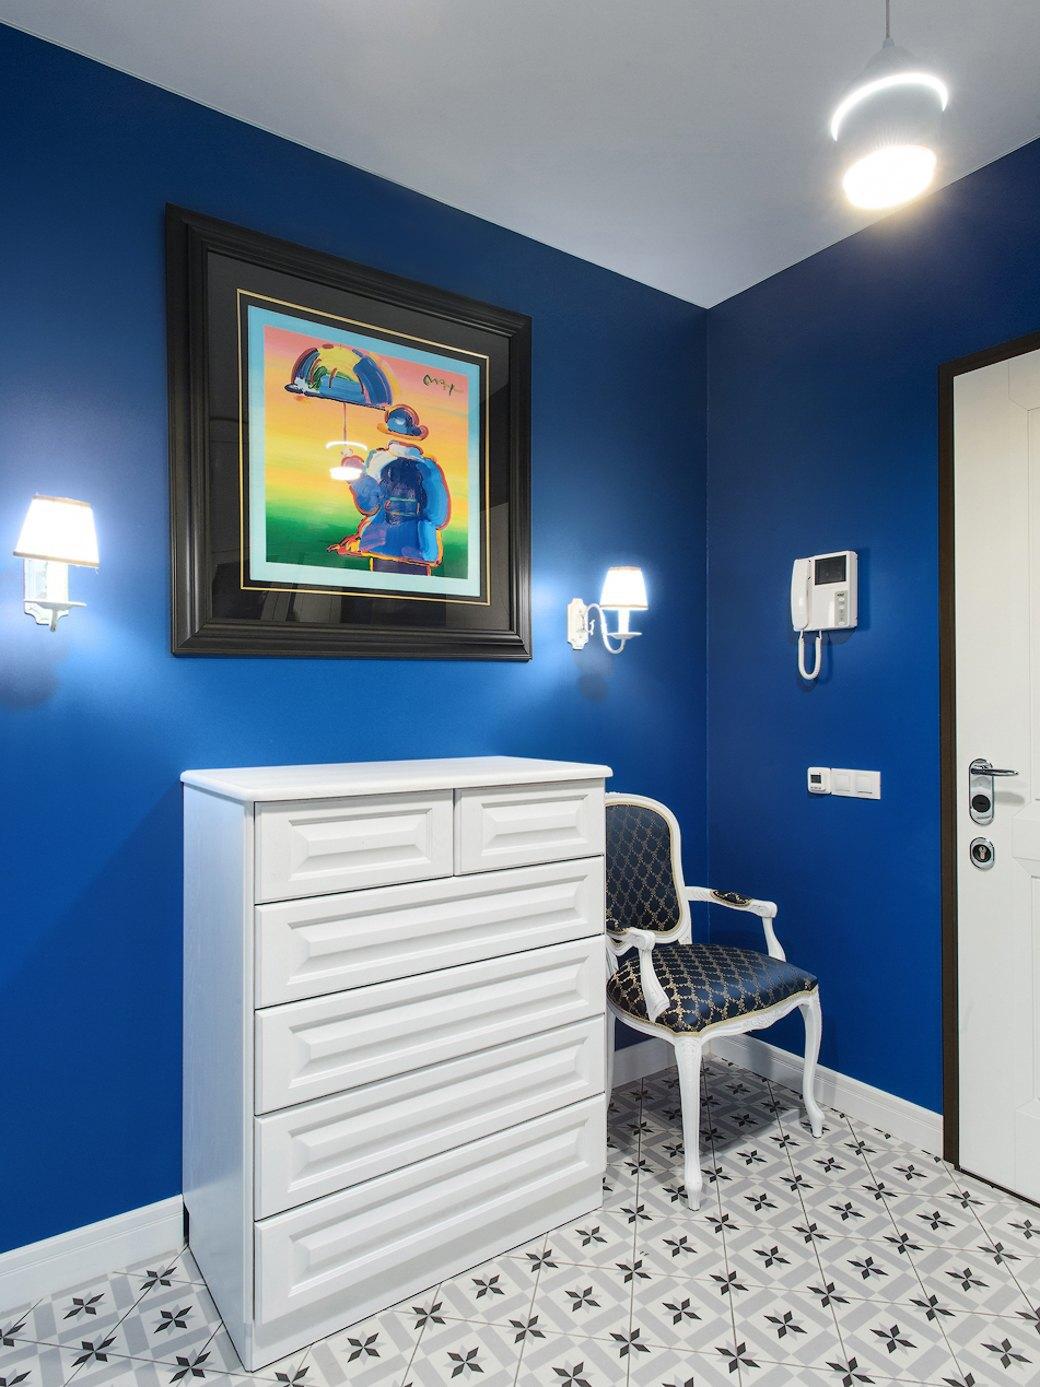 Квартира встаром доме склассической мебелью иплиткой азулежу (Петербург). Изображение № 5.